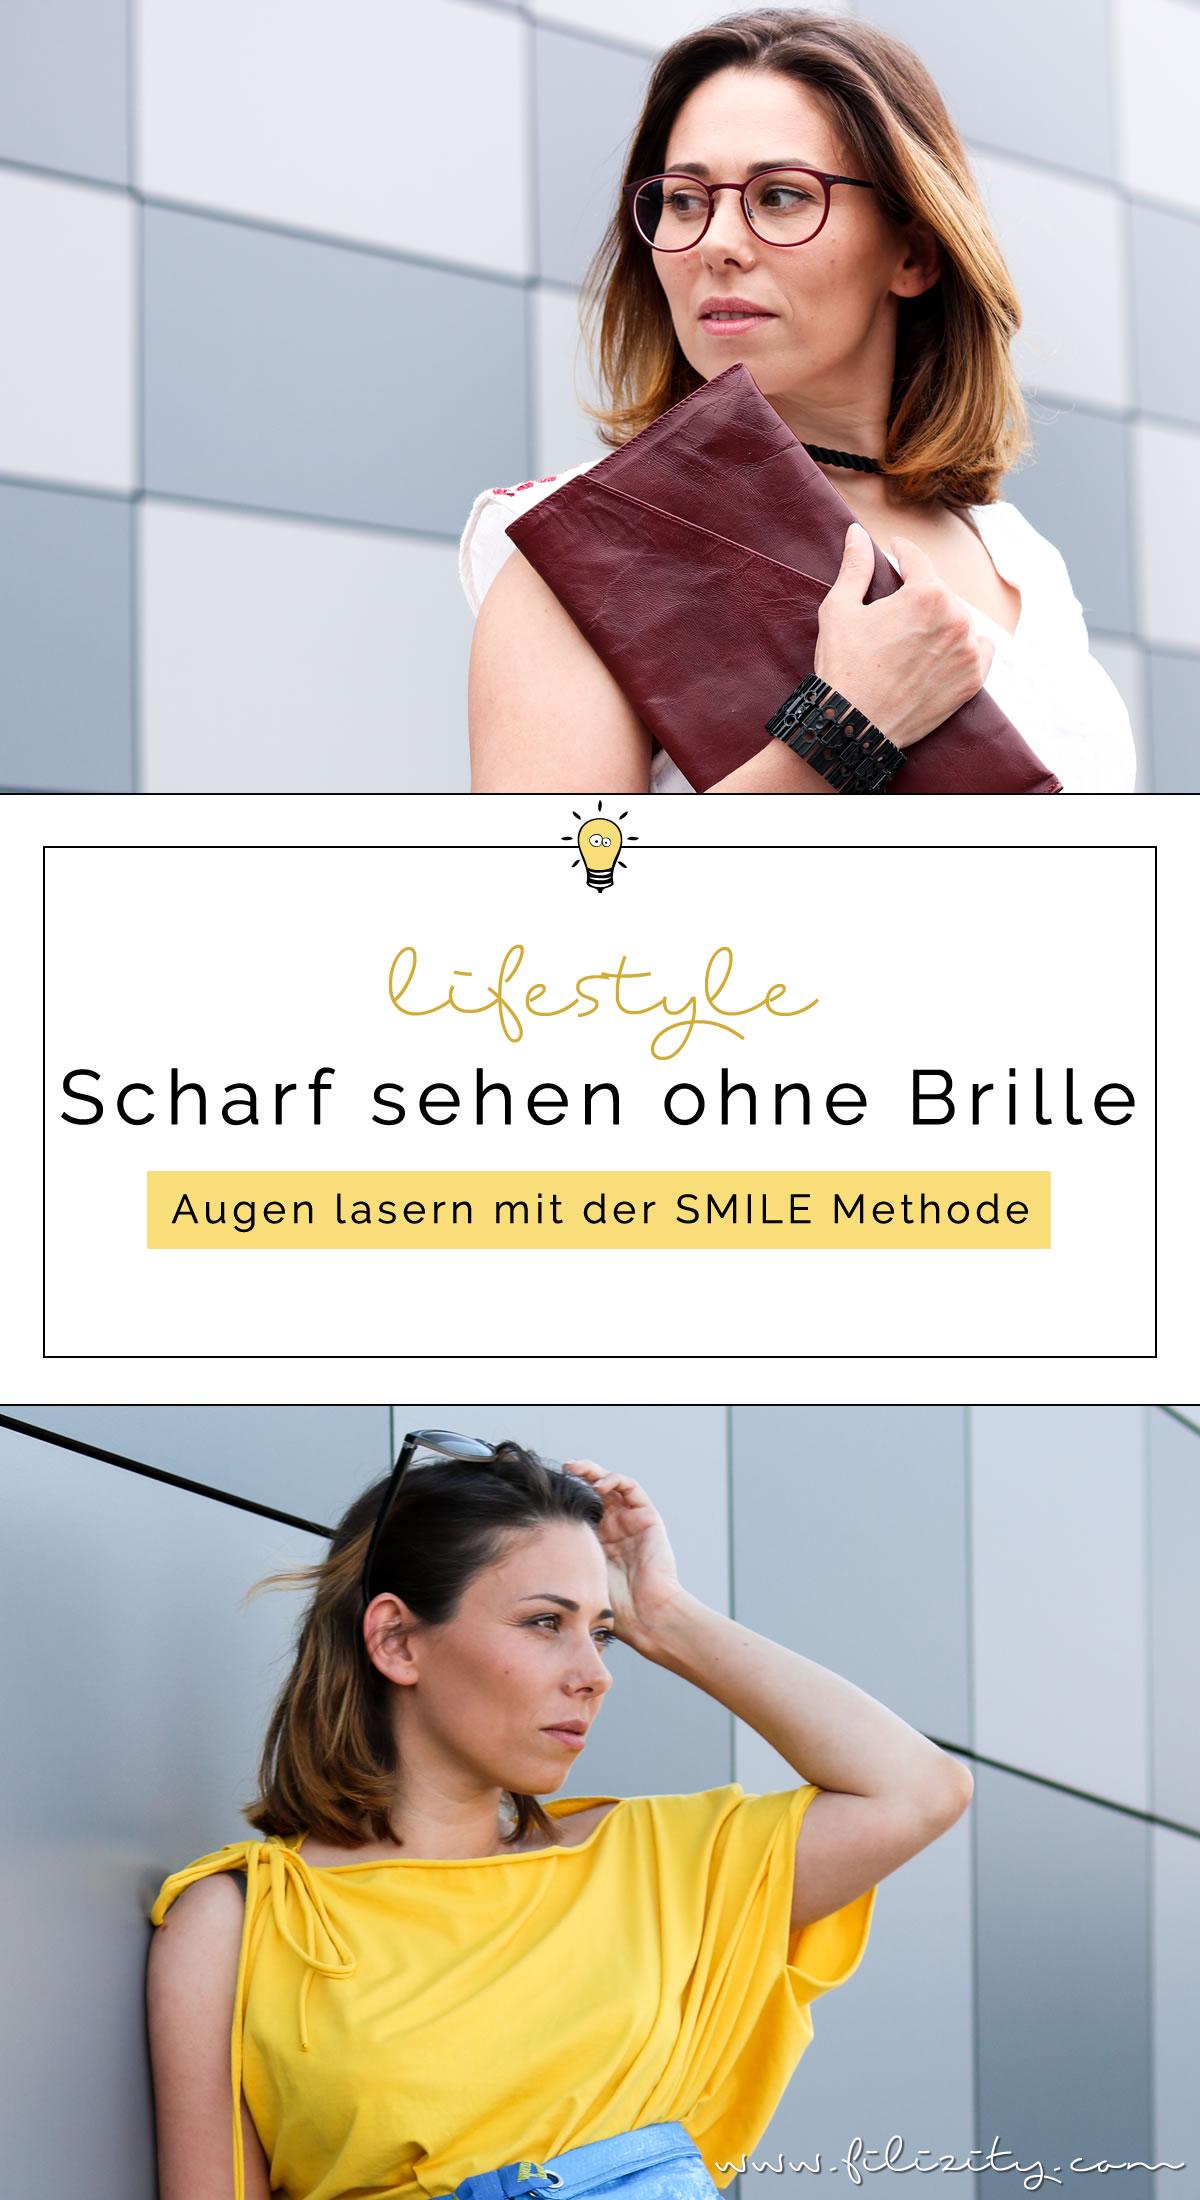 Augen lasern mit der SMILE Methode - Smile Eyes Augencentrum Köln | Filizity.com | Lifestyle-Blog aus dem Rheinland